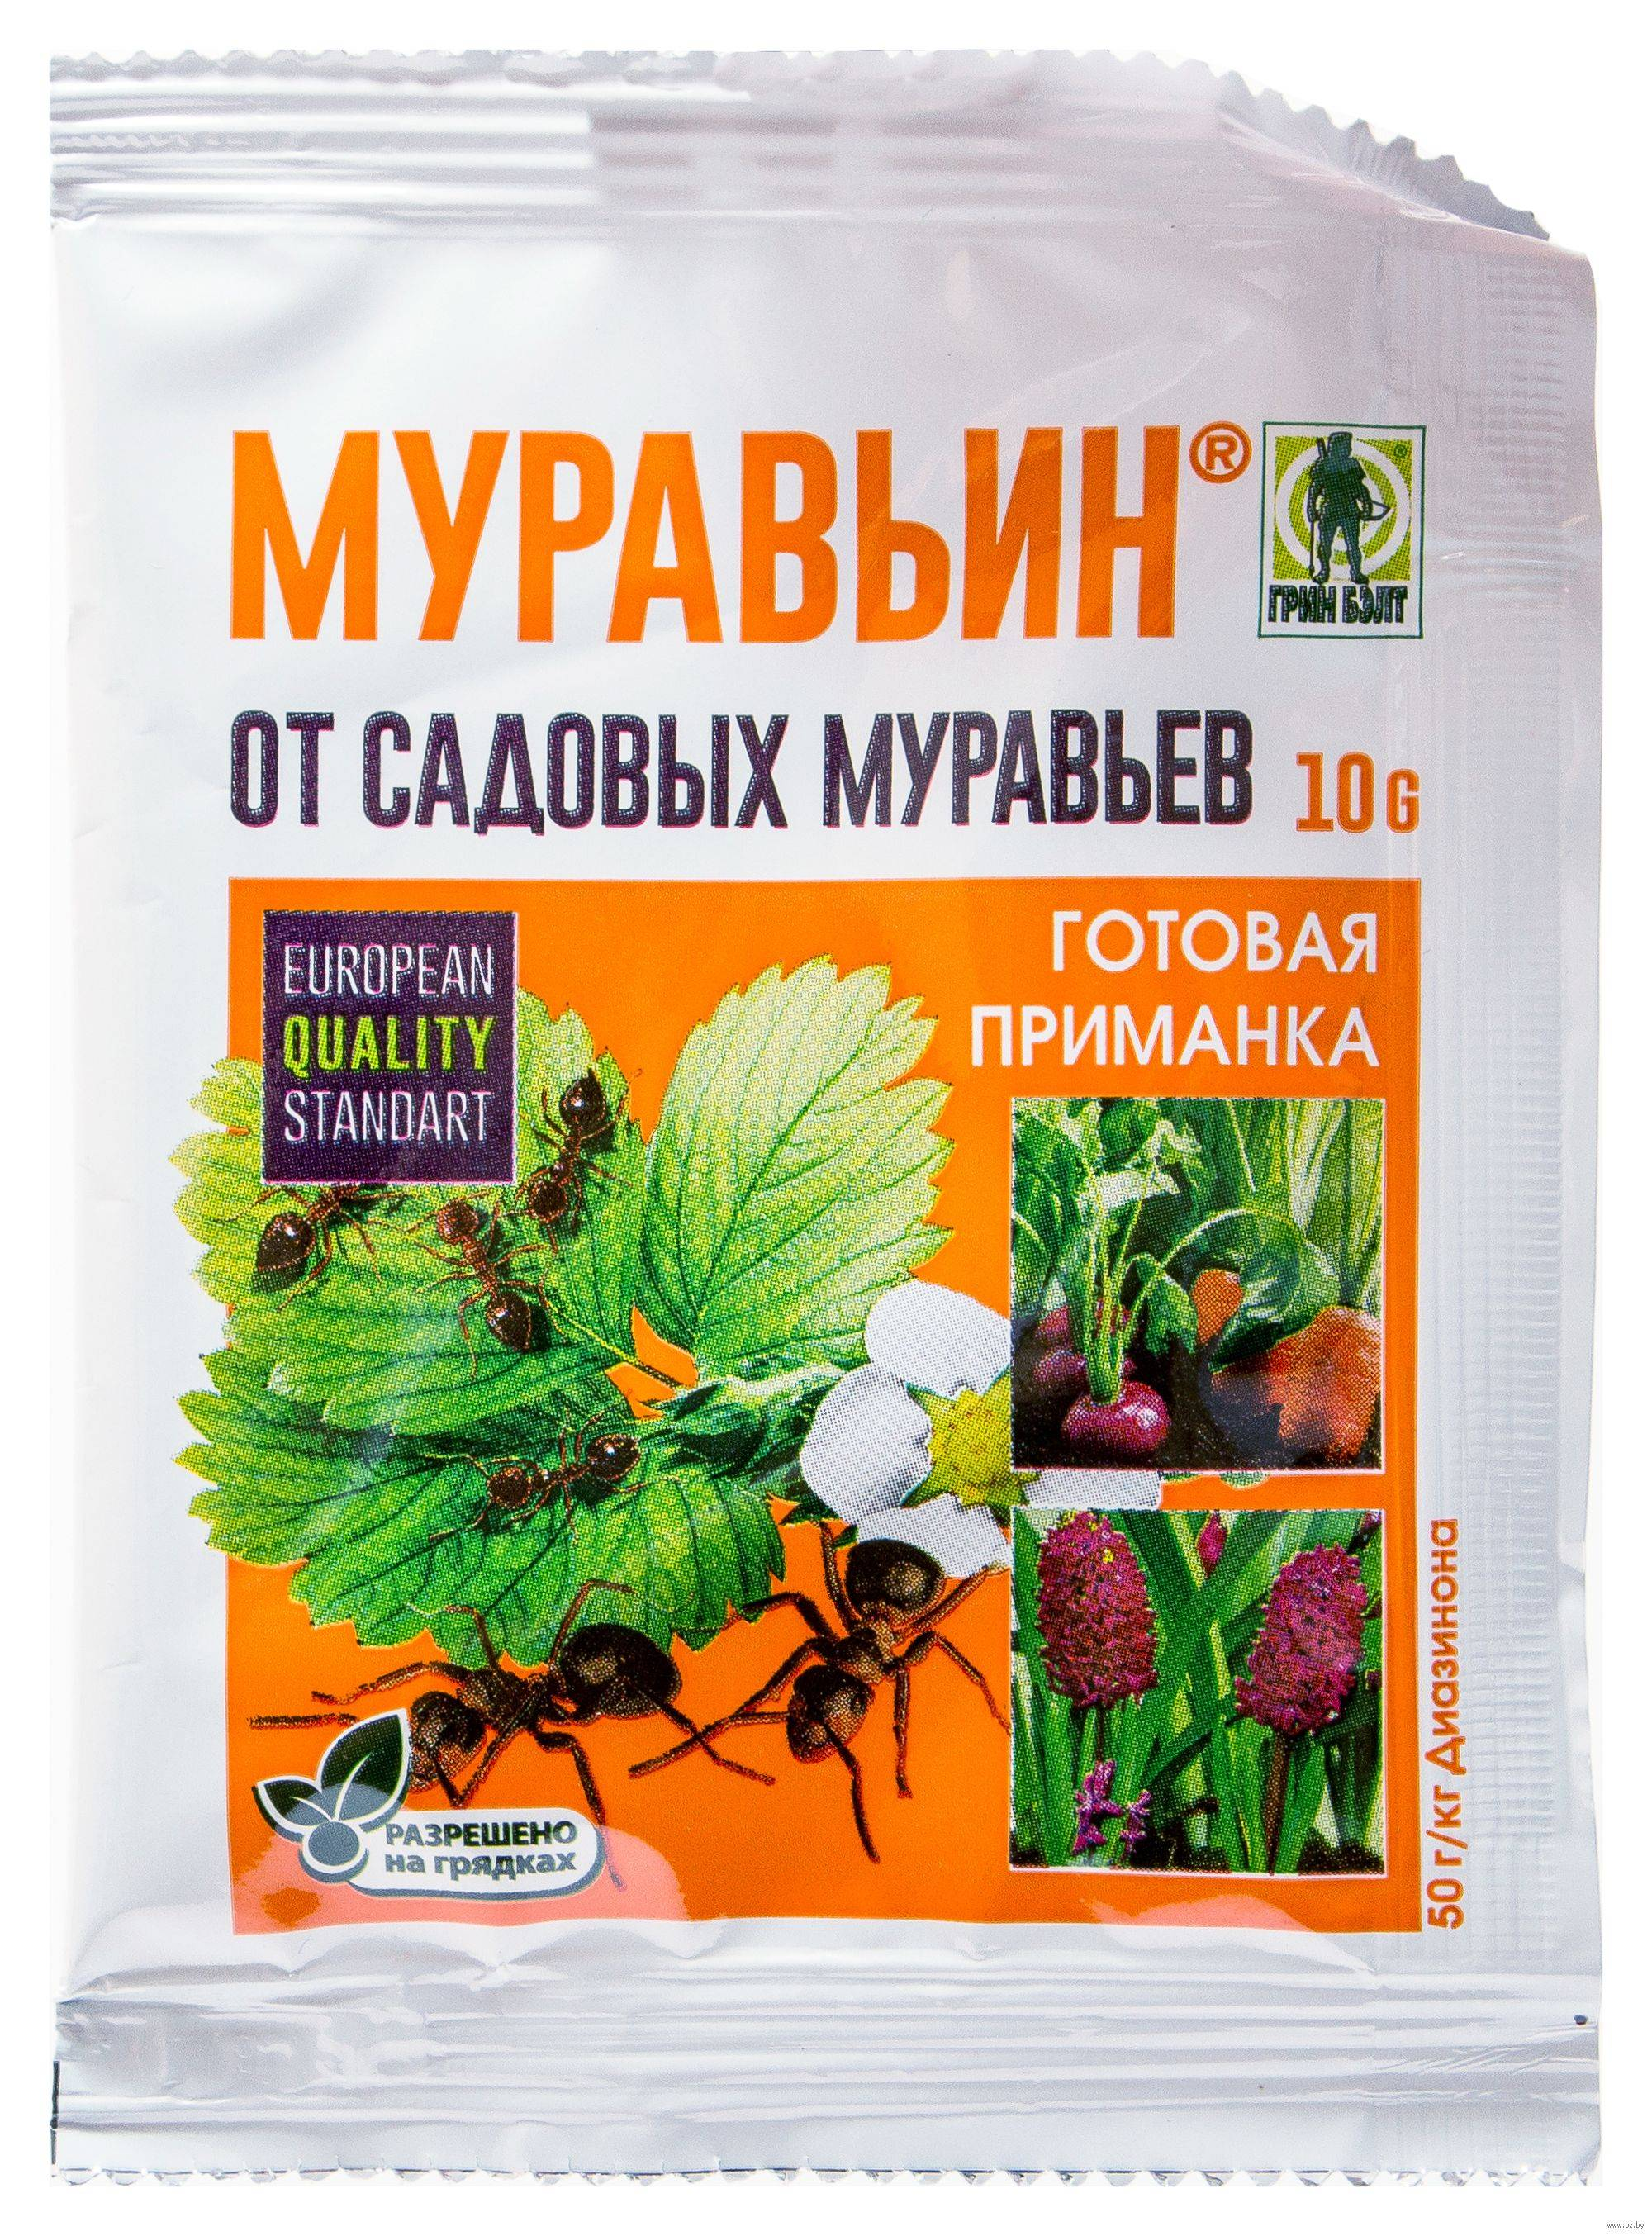 Муравьиное масло для удаления волос: отзывы, инструкция, противопоказания :: syl.ru